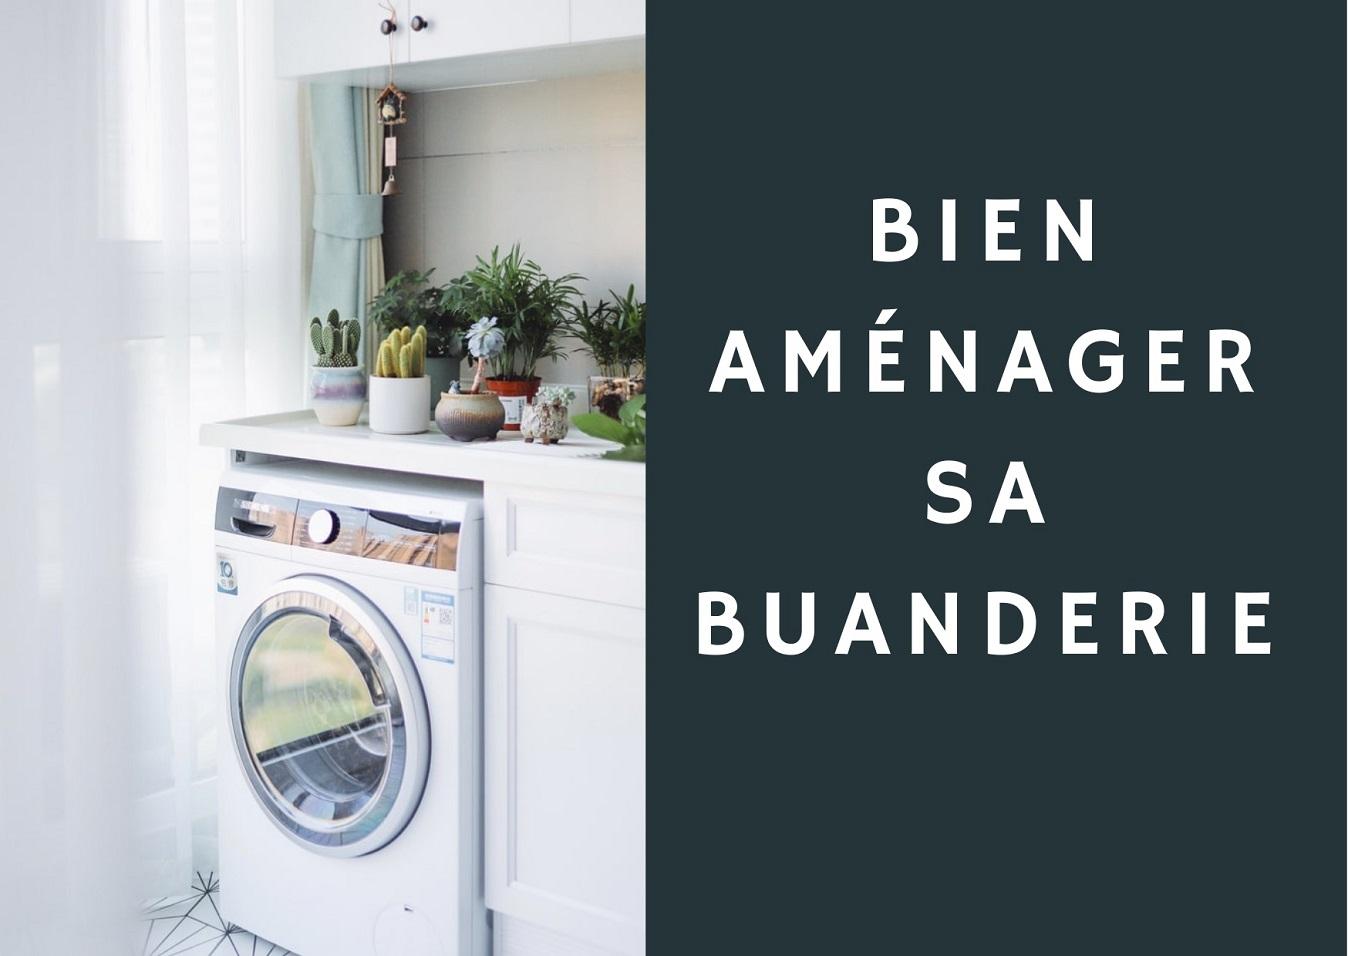 buanderie